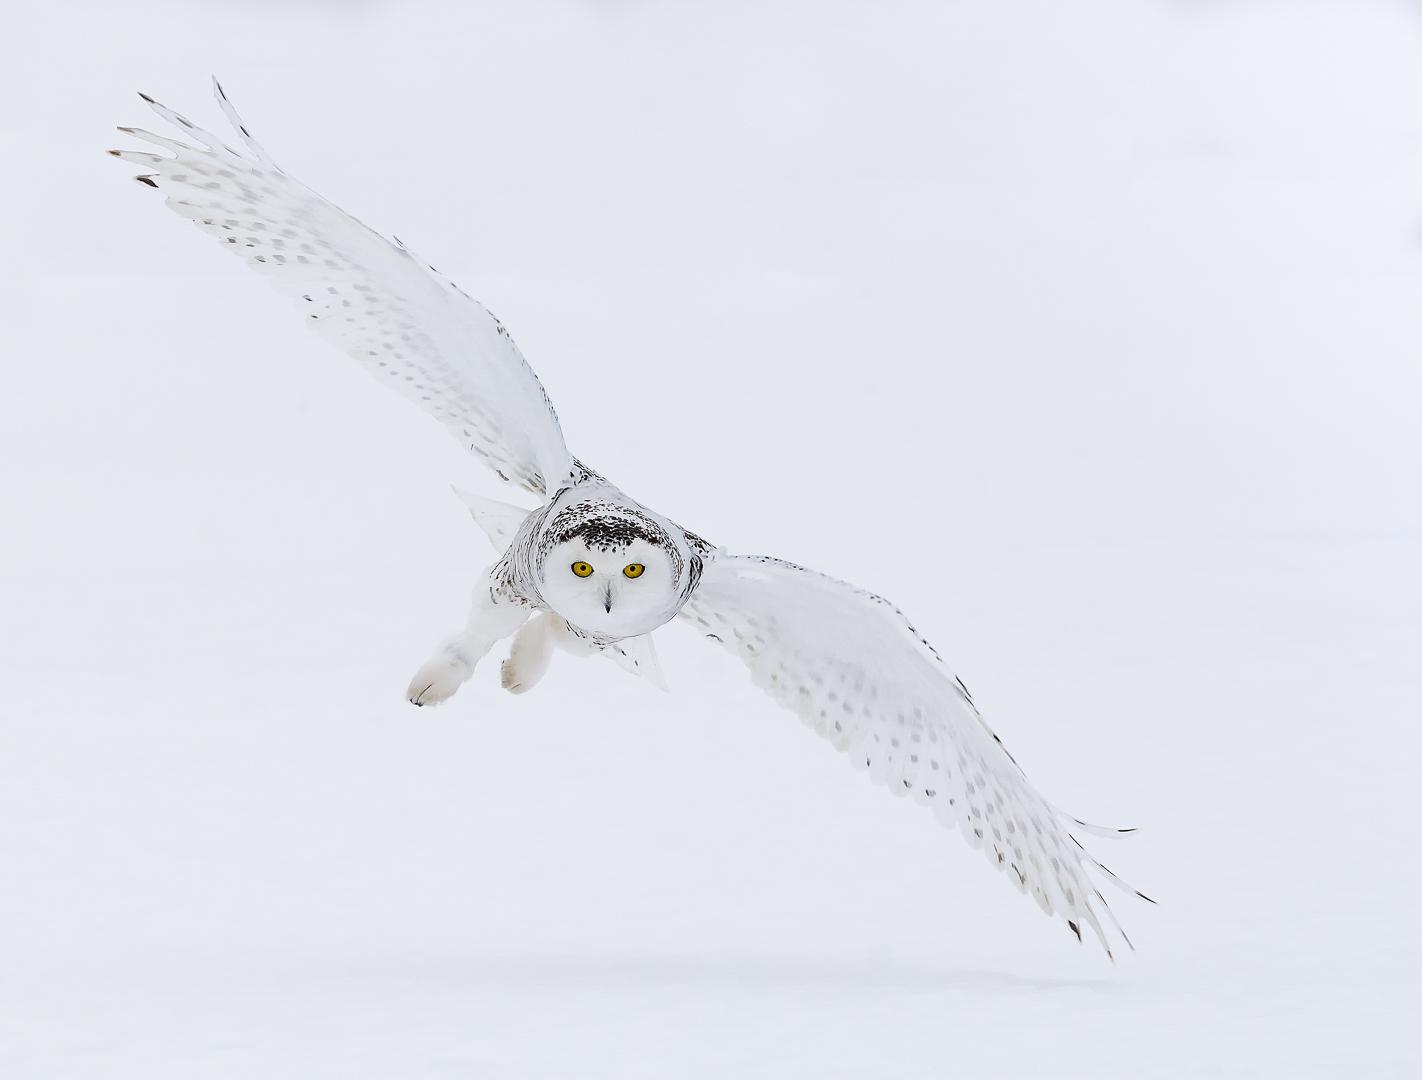 Female Snowy Owl - Balanced Flight